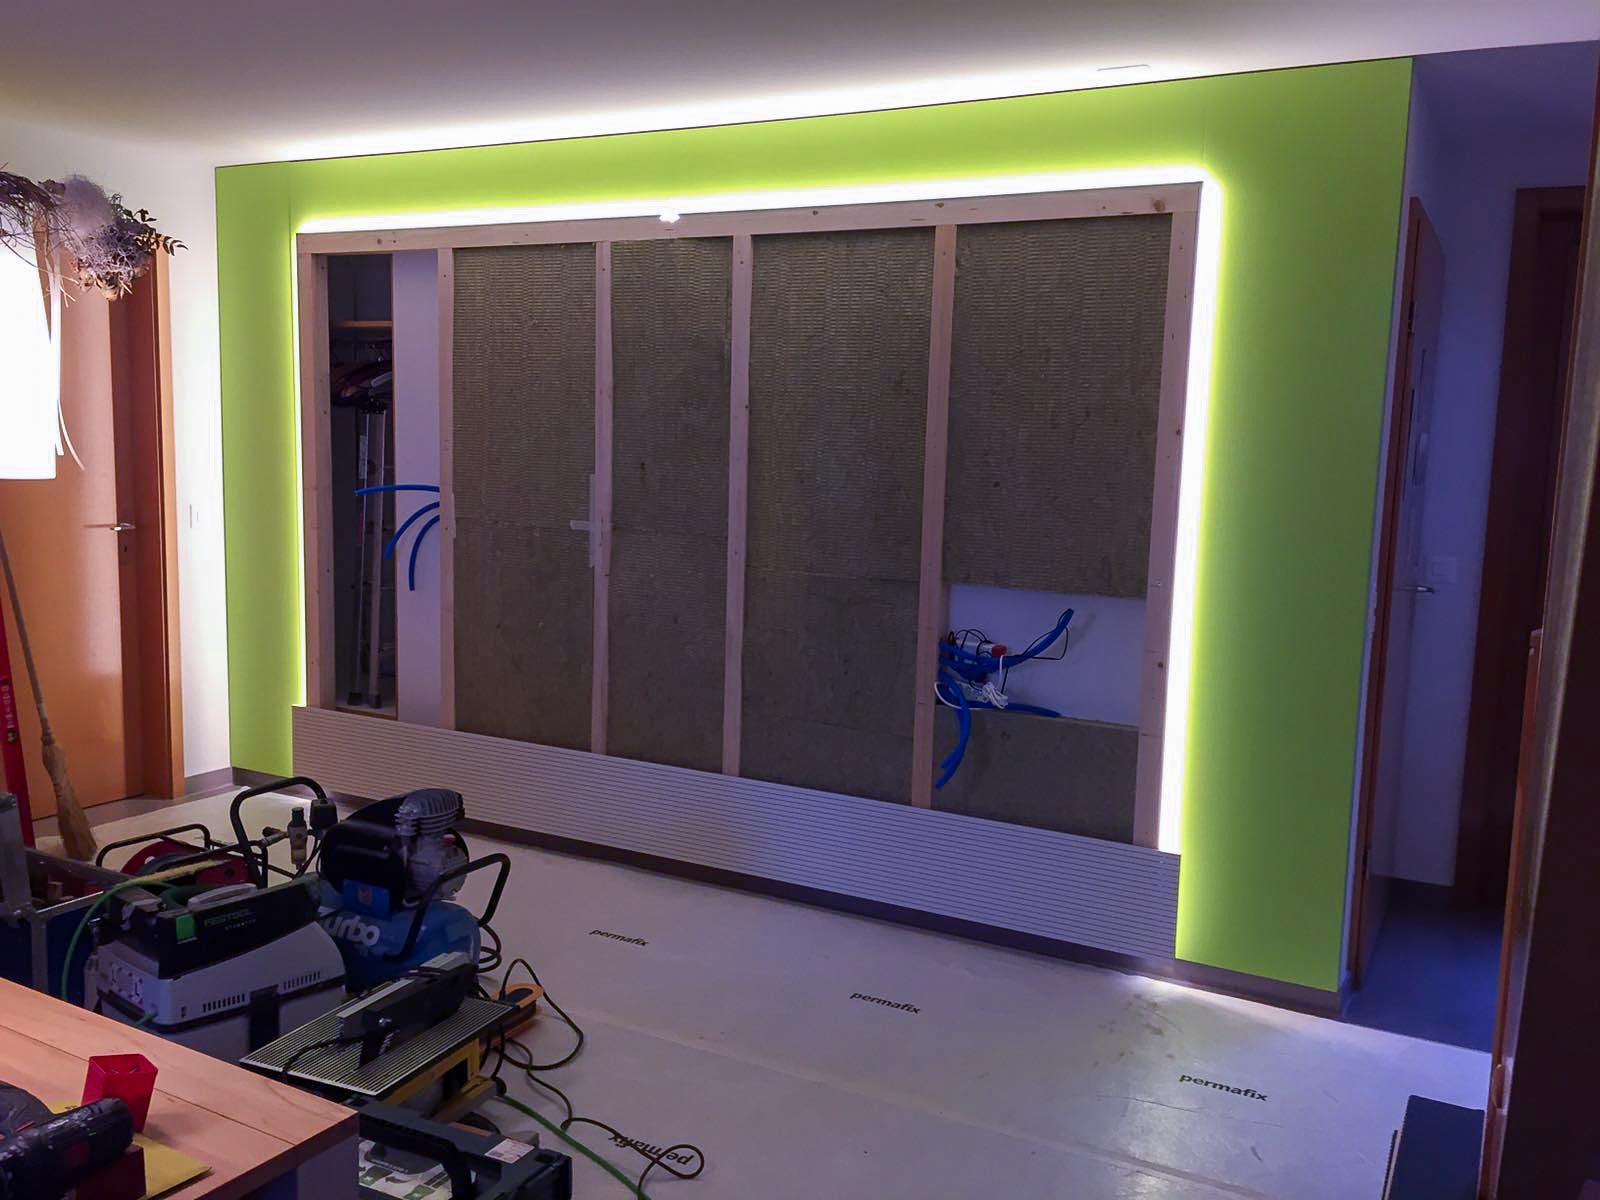 Wooddesign_Wohnzimmermöbel_grün weiss_Schallabsorption_Schalldämmung_Garderobe (6)